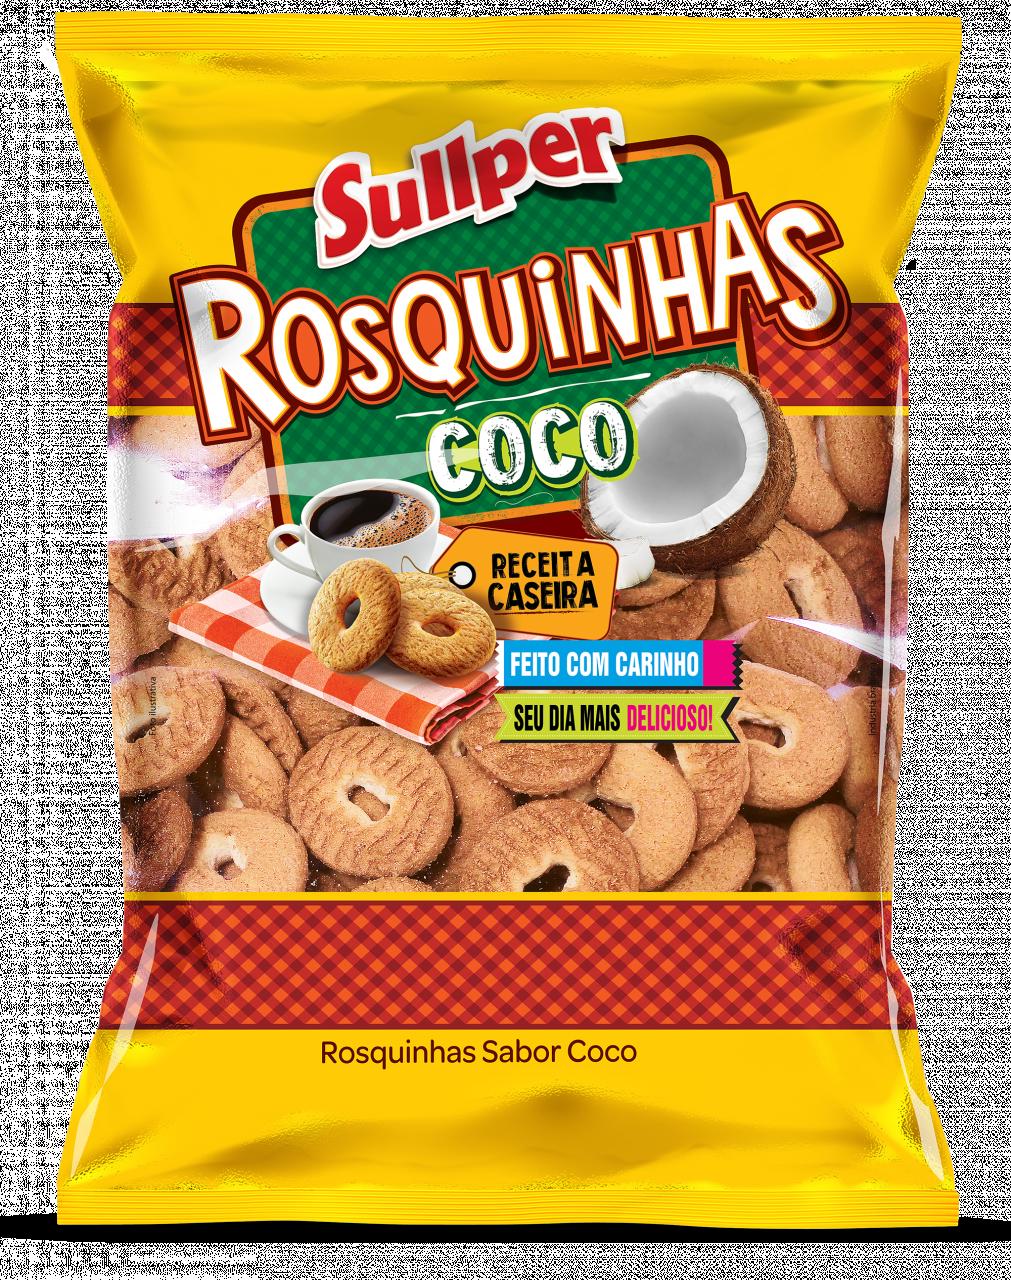 imagem de Rosquinha Sullper Coco 700g